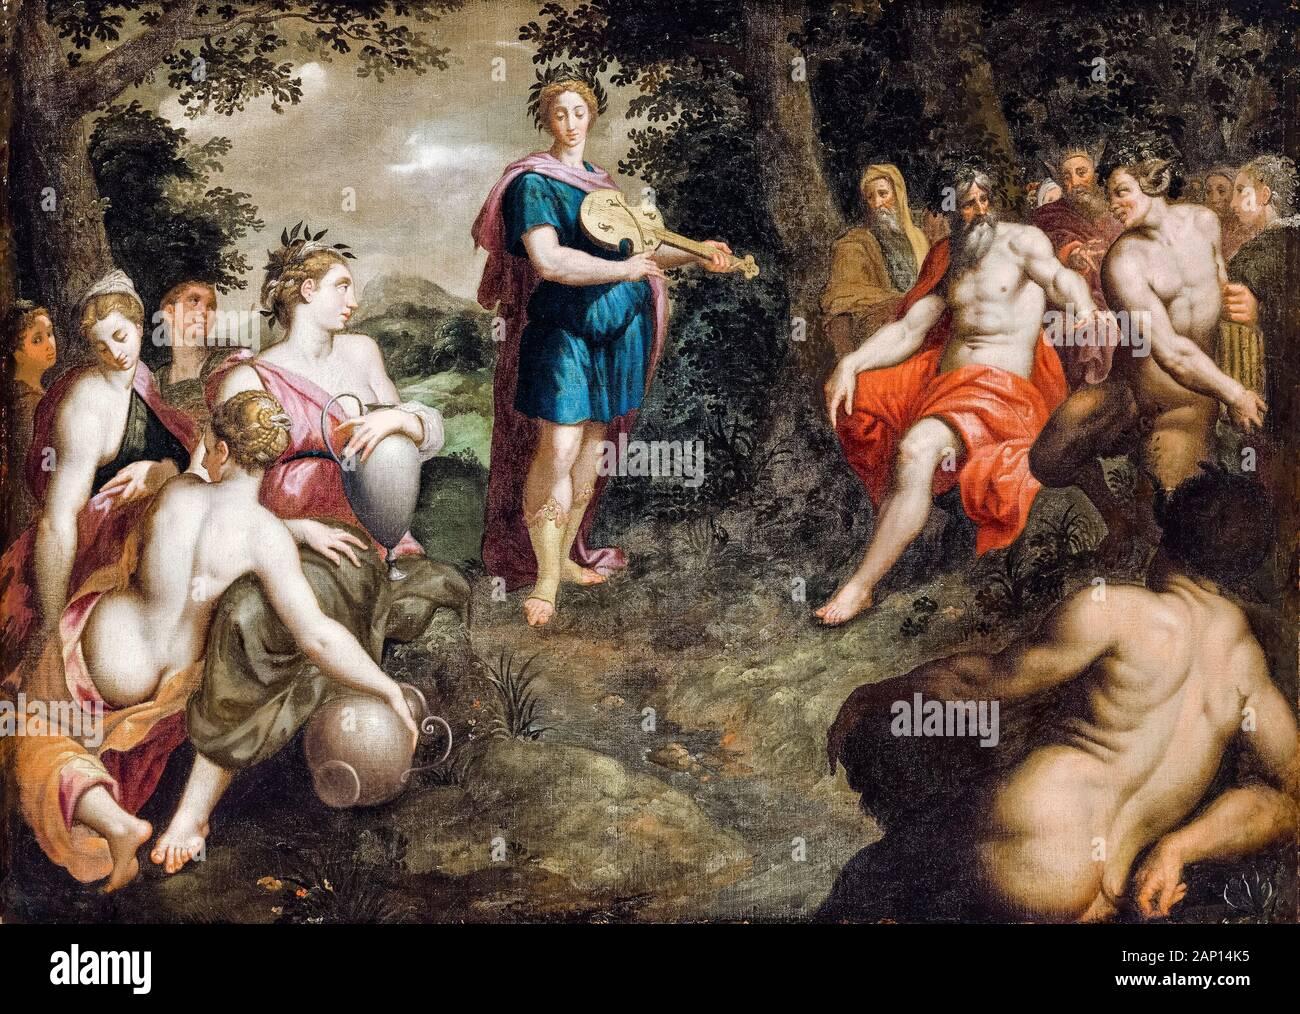 Peinture Manieriste Flamande Banque D Image Et Photos Alamy